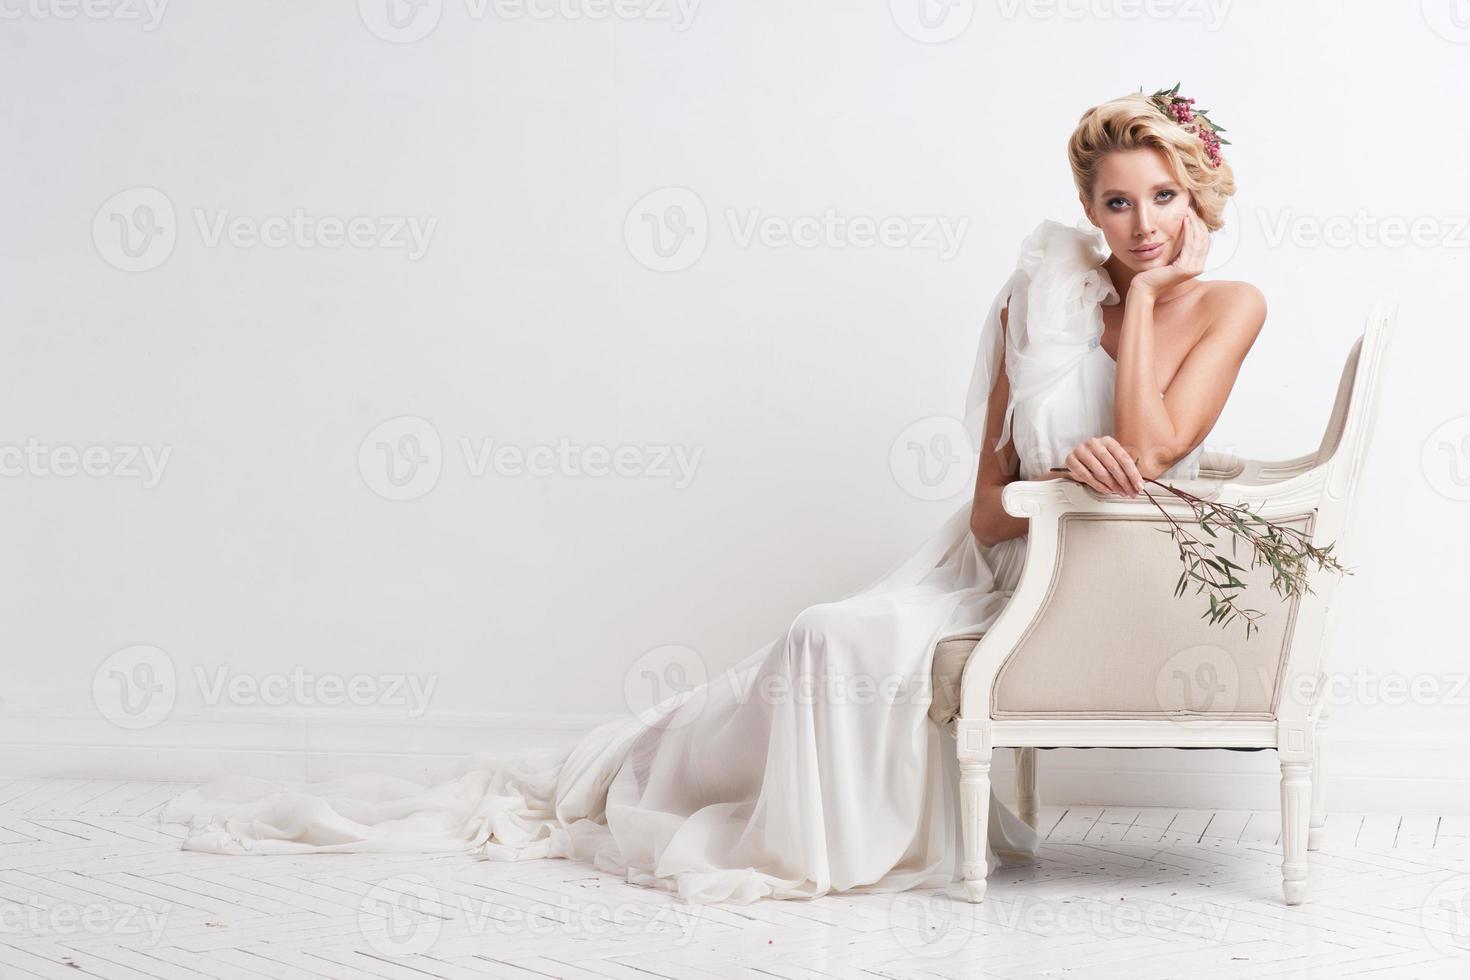 portret van mooie bruid. trouwjurk. bruiloft decoratie foto